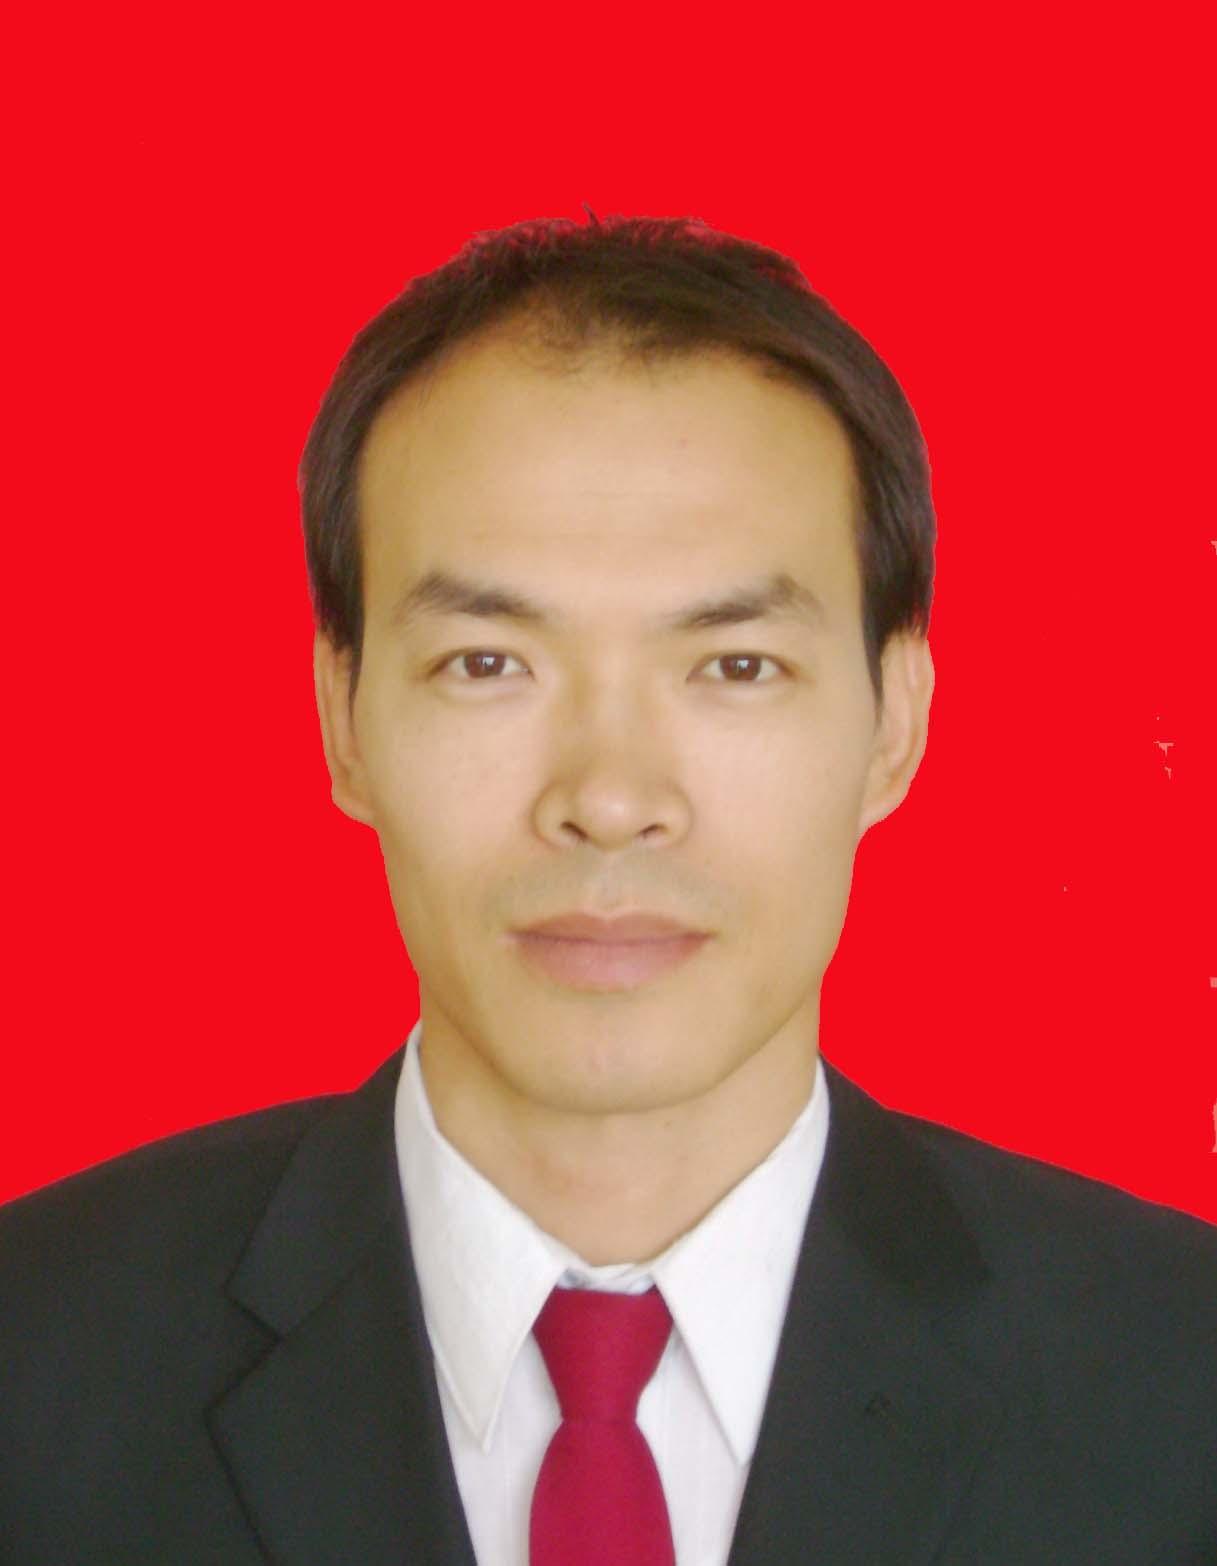 袁茂森,1977年5月出生